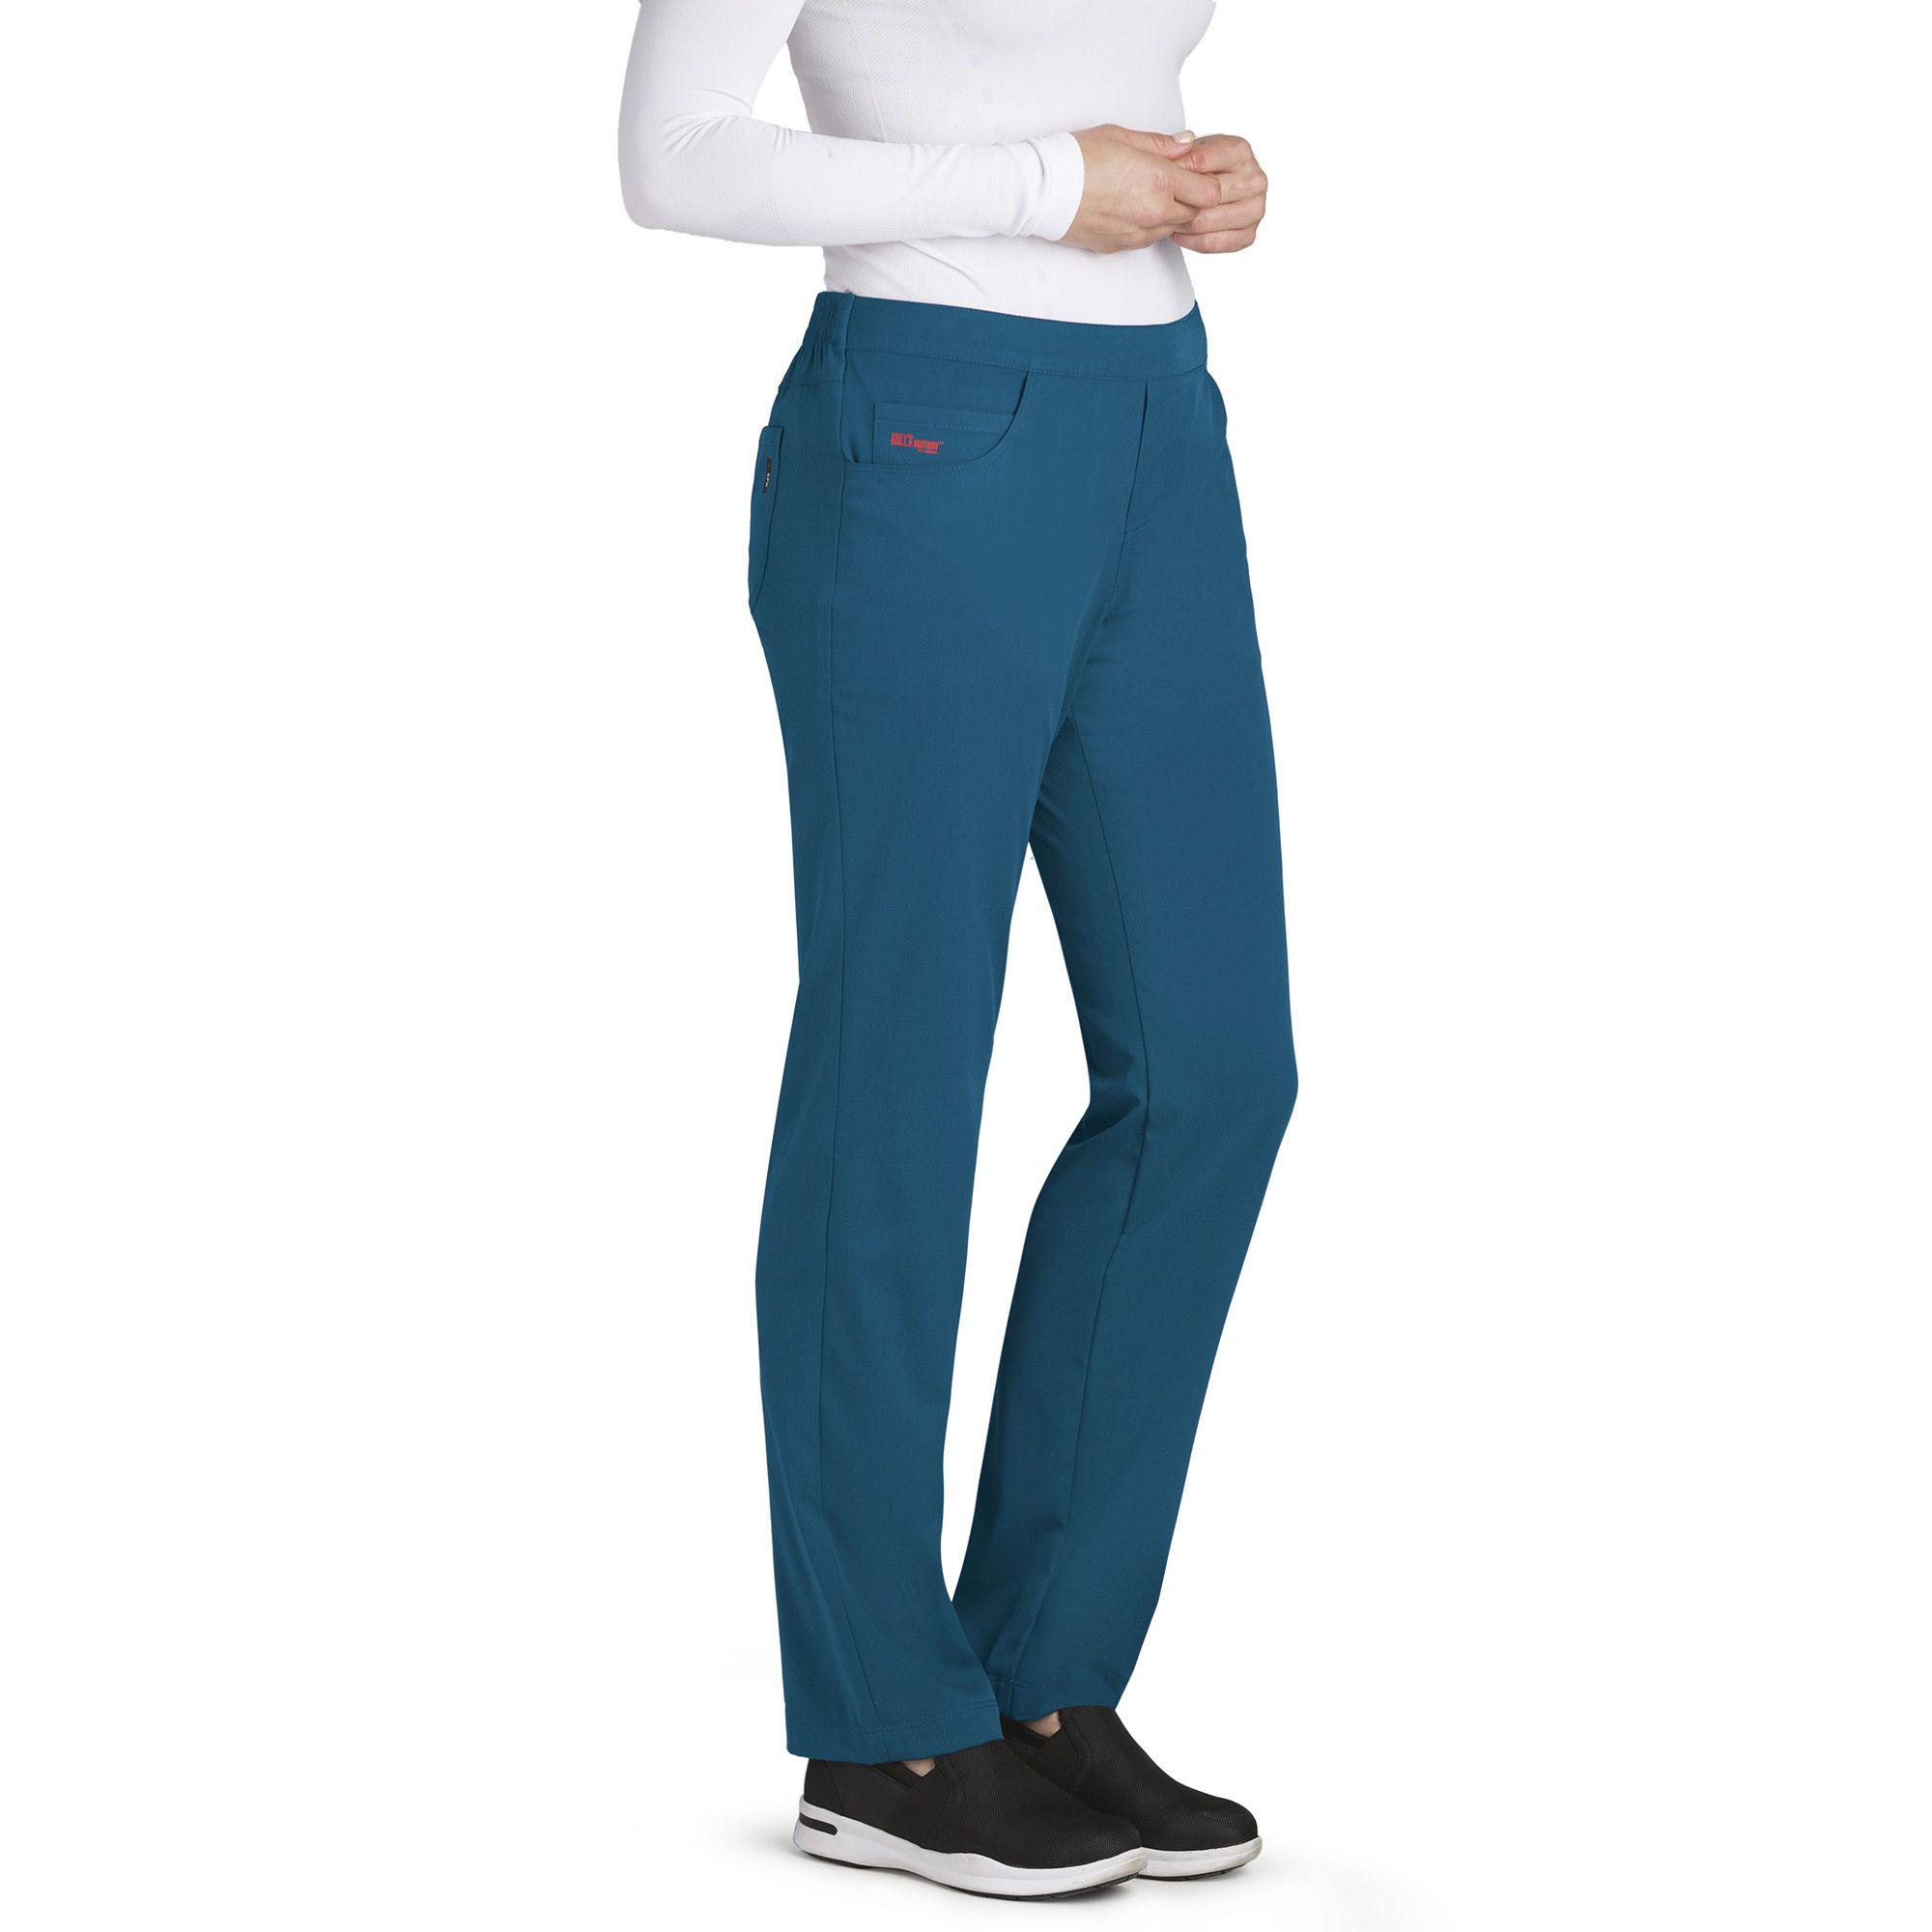 Grey's Stretch 5 Pocket Flat Front Scrub Pant-Grey's Anatomy